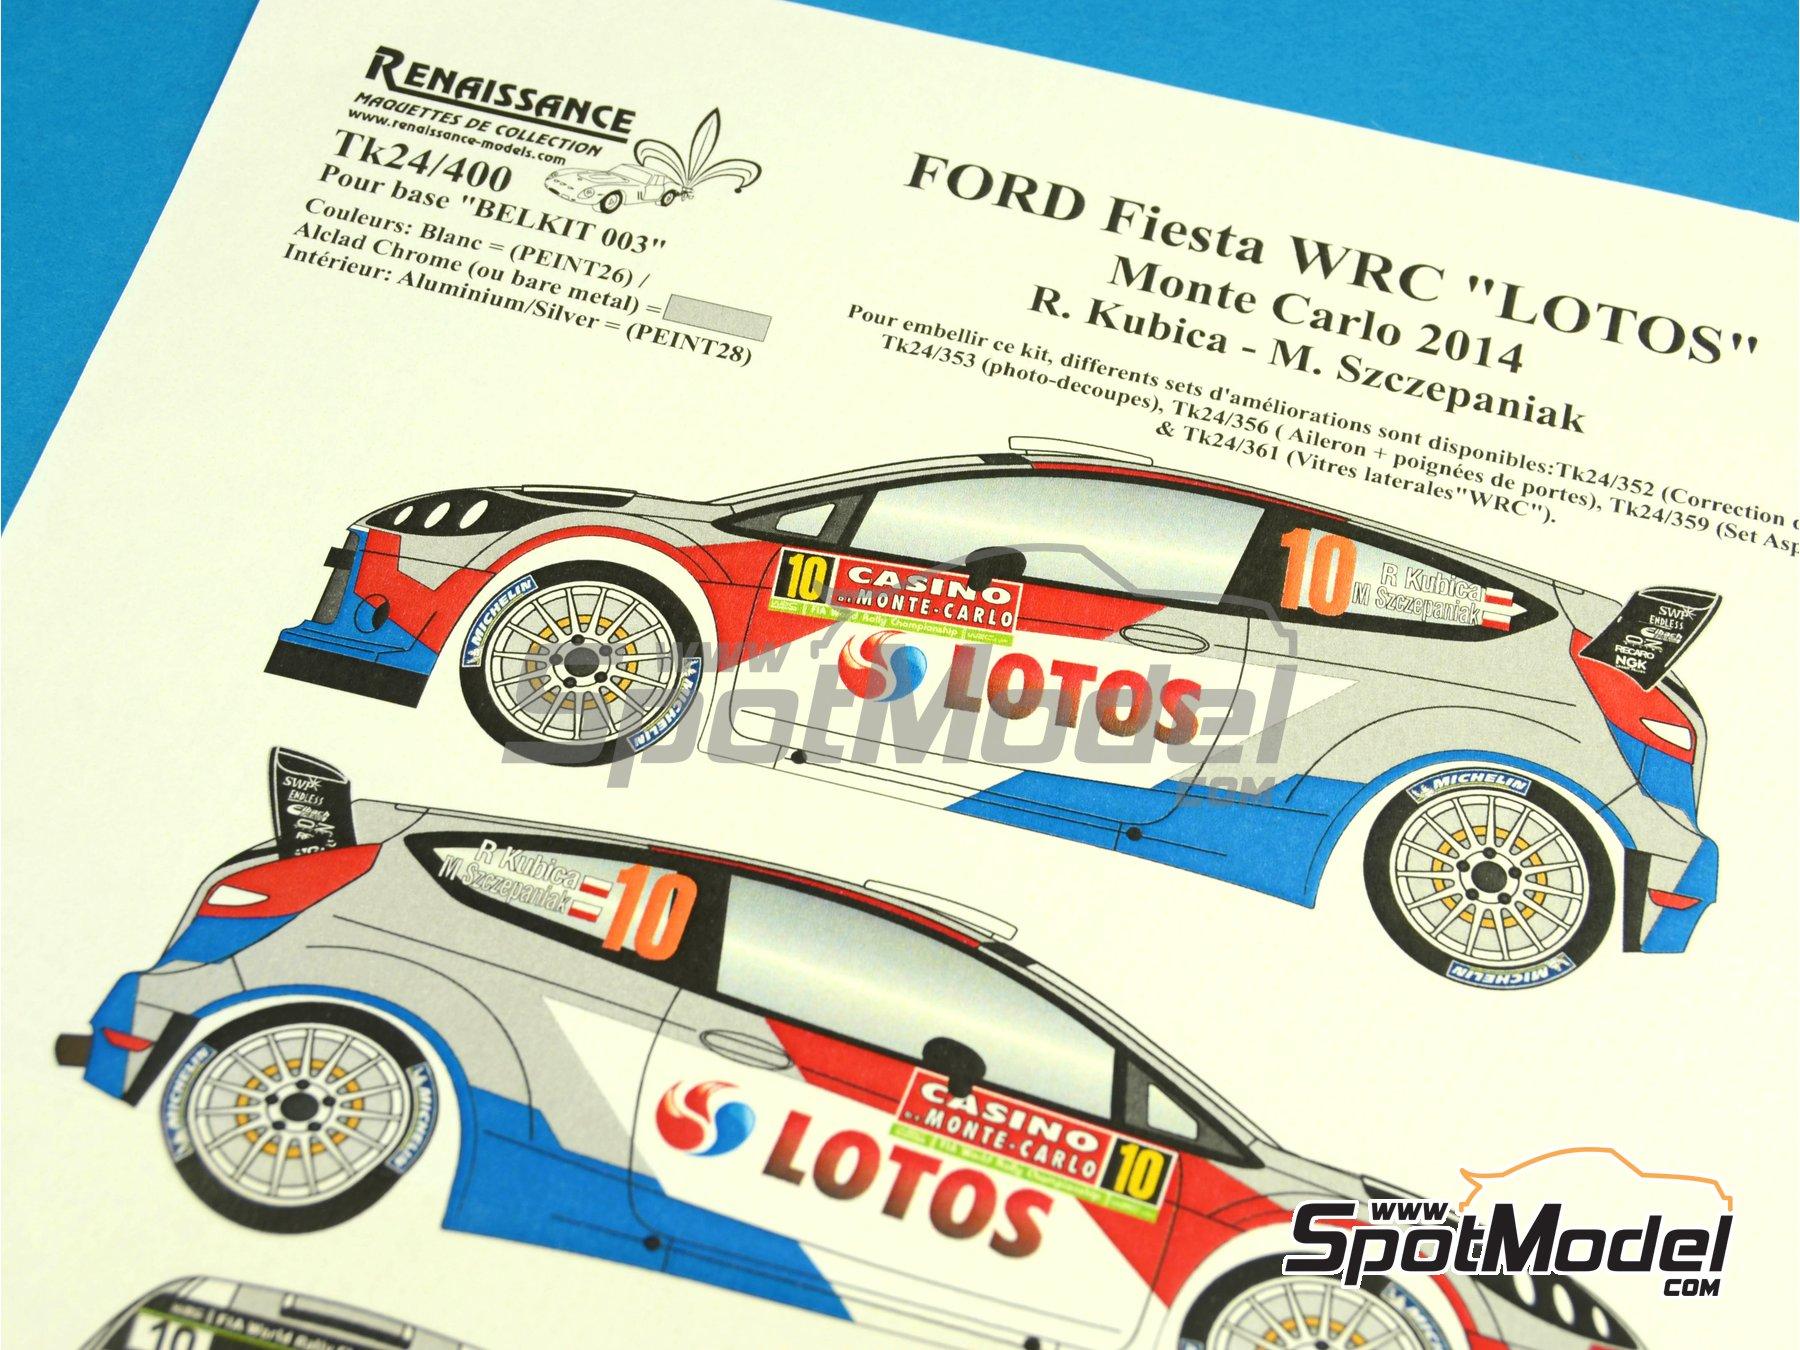 Image 1: Ford Fiesta WRC Lotos - Rally de Montecarlo 2014 | Calcas de agua en escala1/24 fabricado por Renaissance Models (ref.TK24-400)